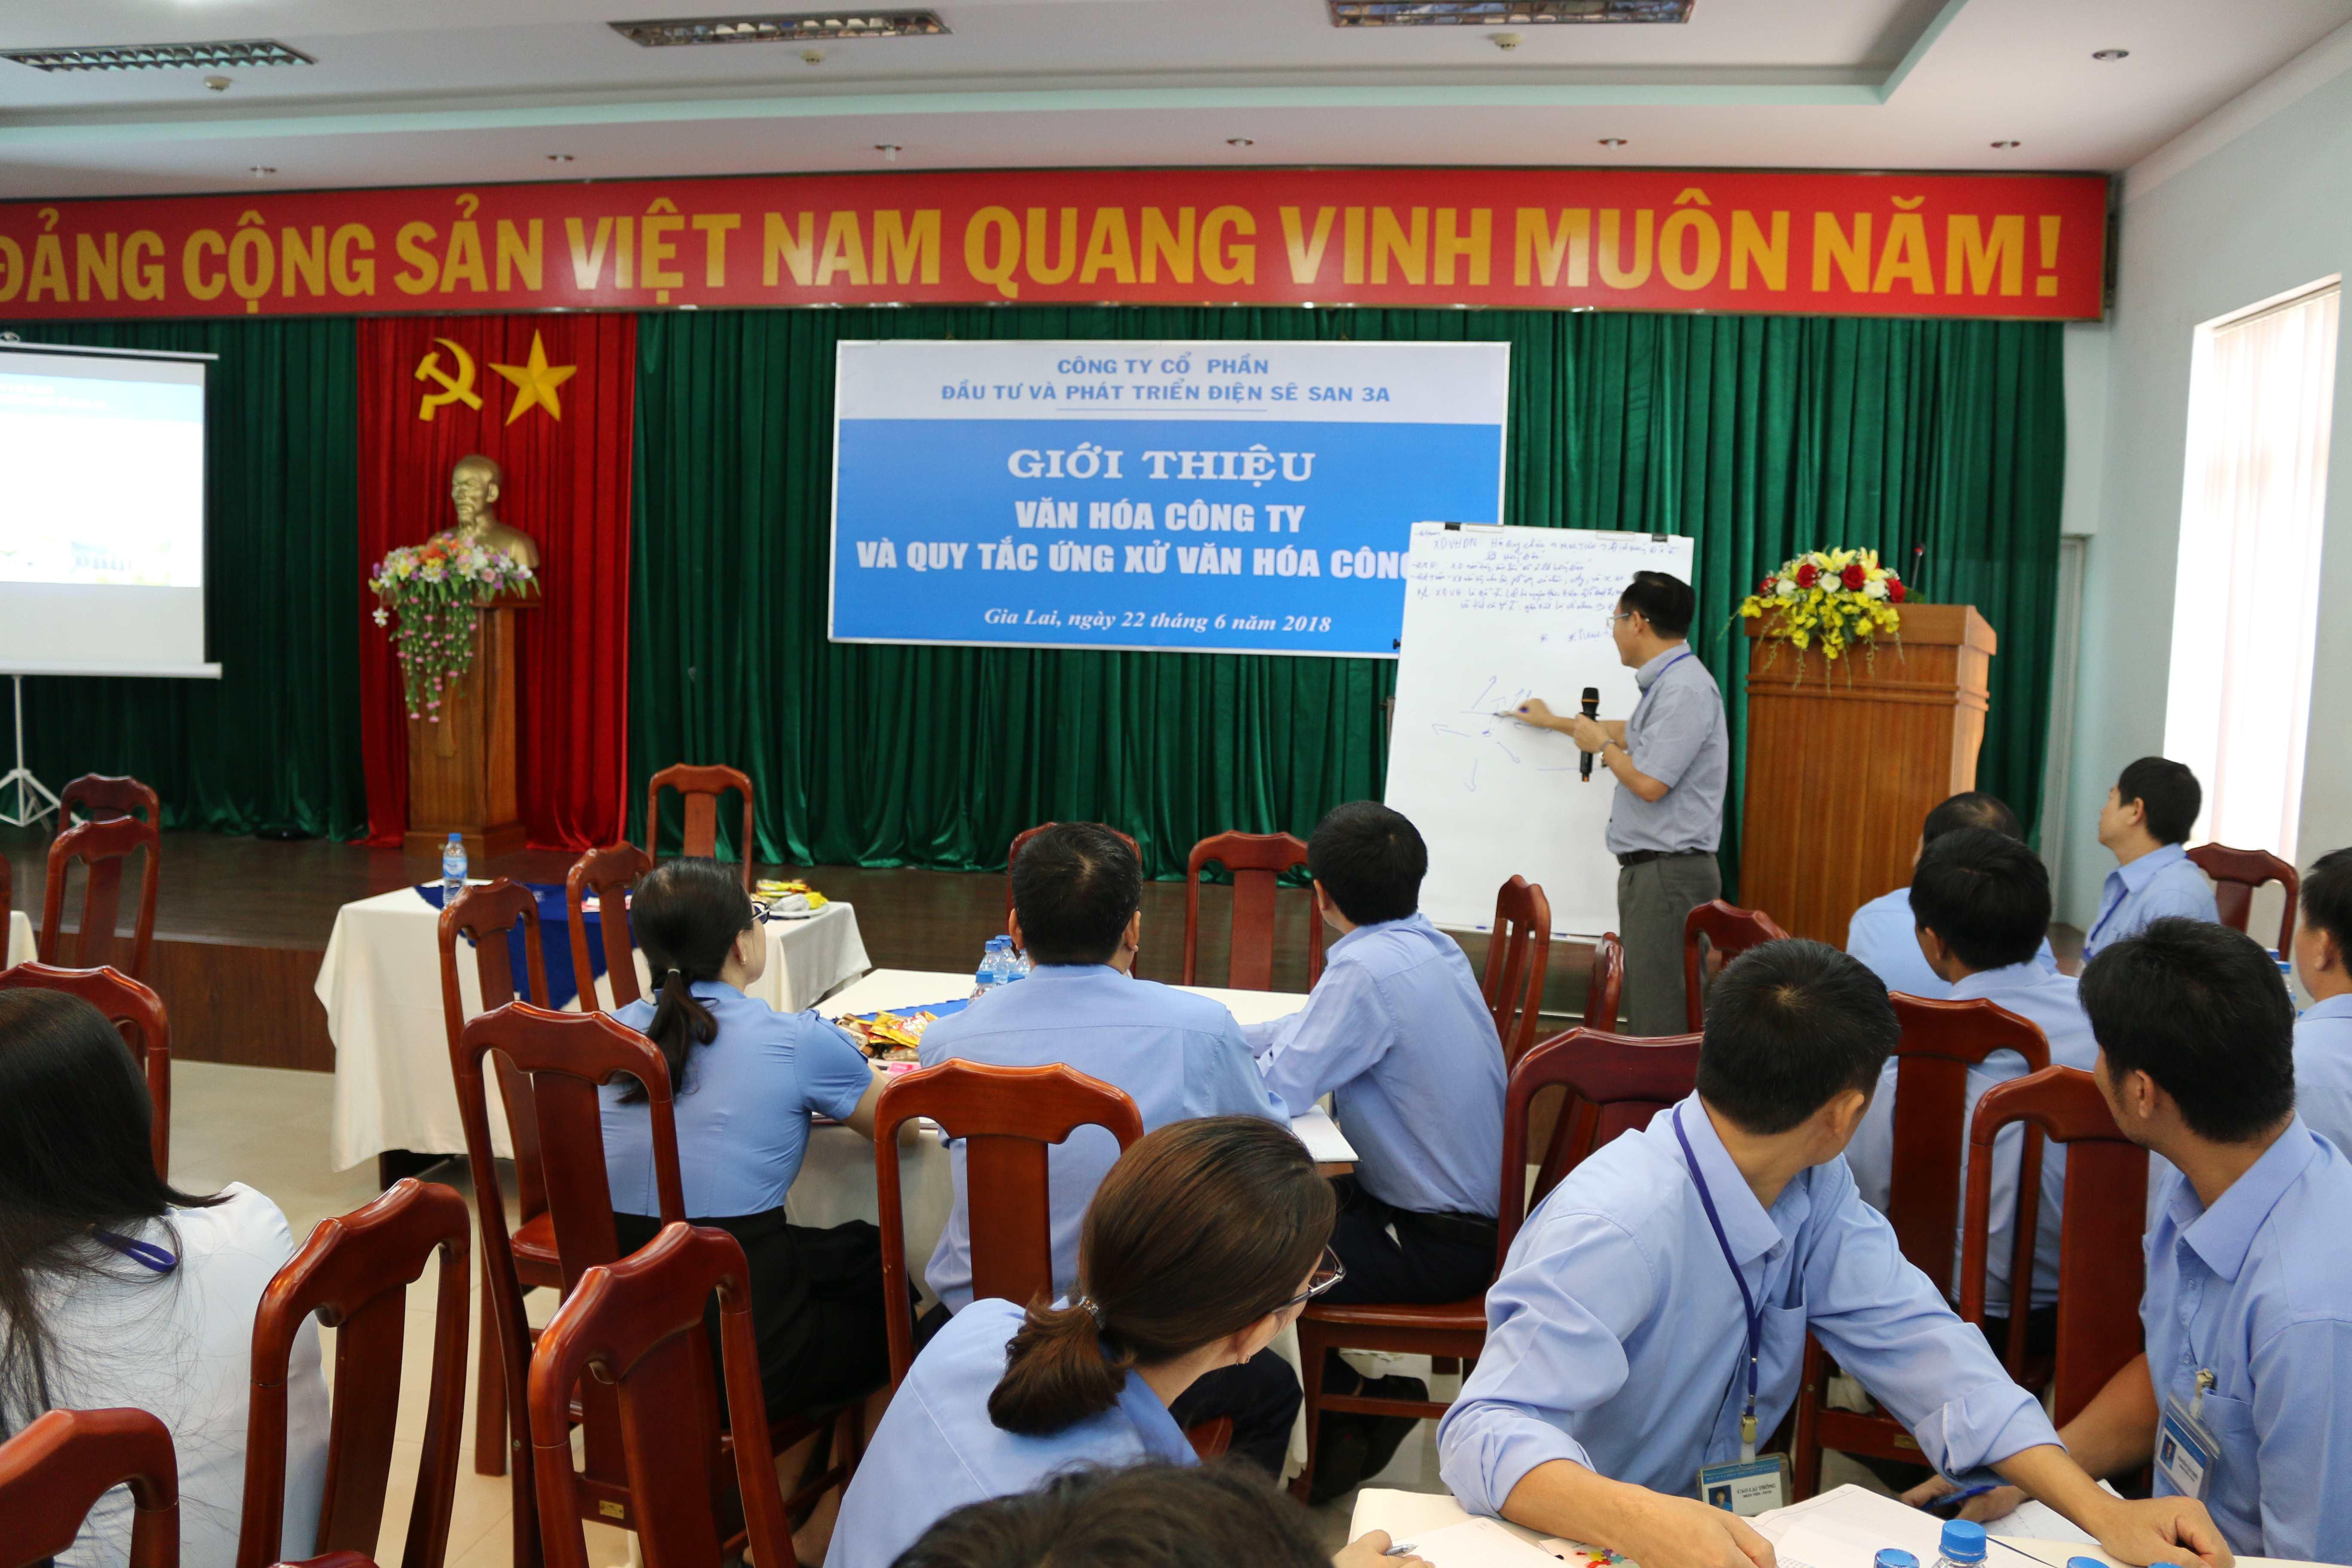 Sê San 3A thực thi văn hóa doanh nghiệp